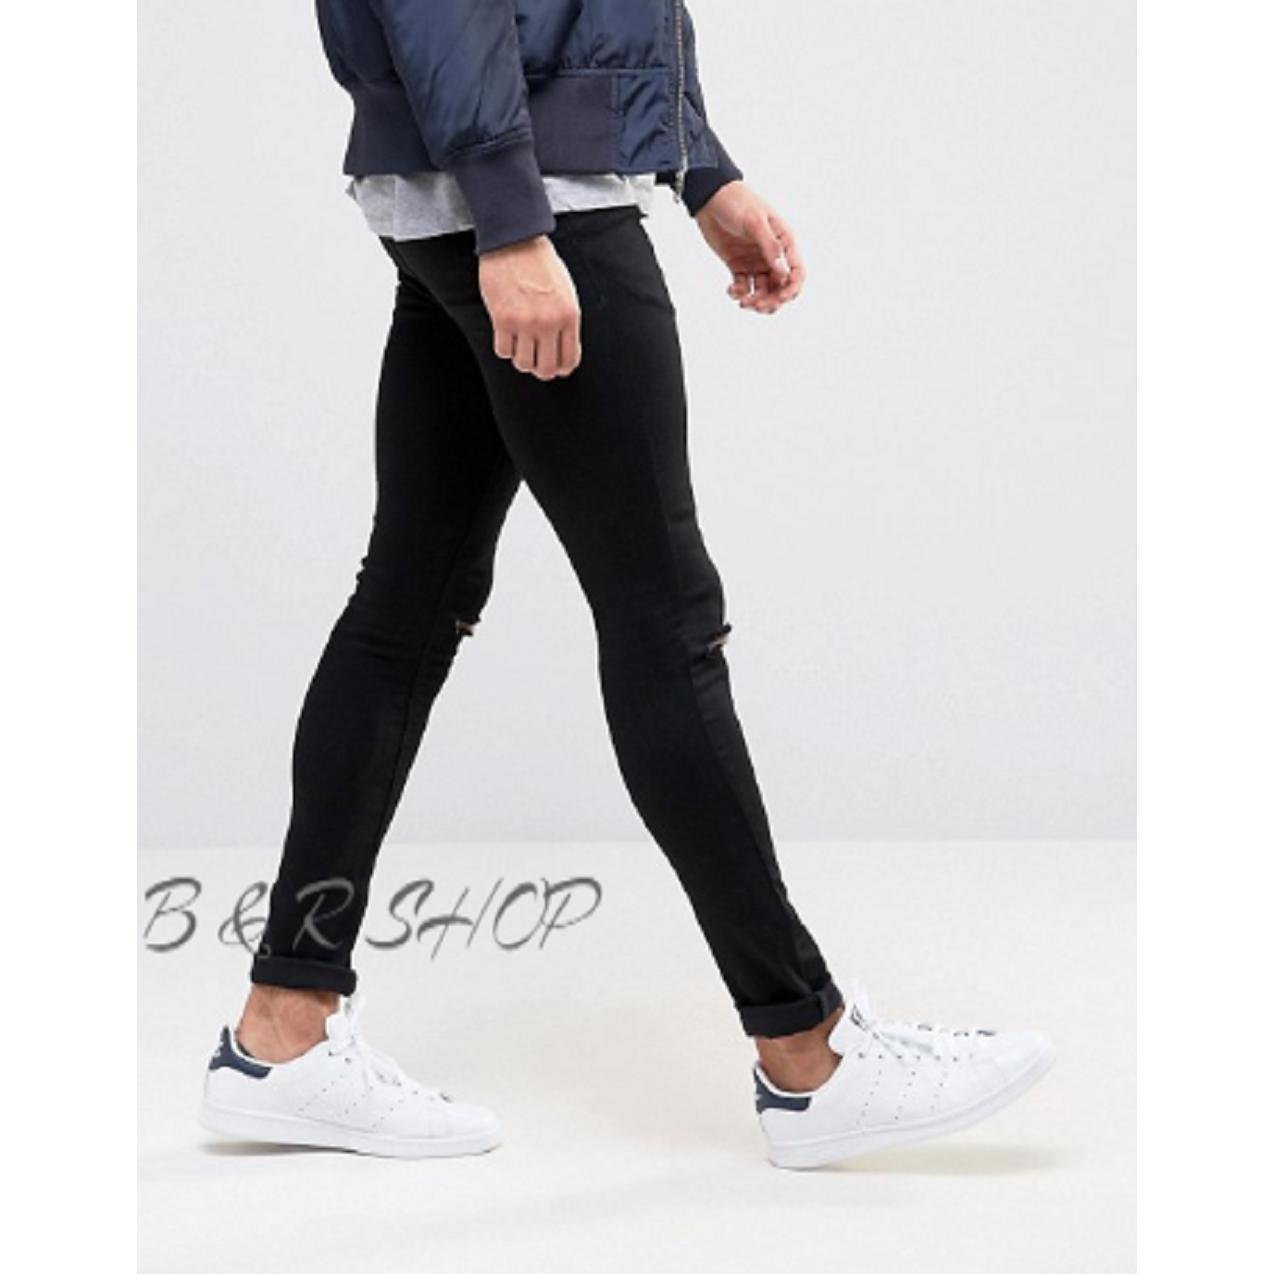 ... B & R SHOP Celana Jeans Lois Skinny Sobek Jeans Sobek Jeans Robek